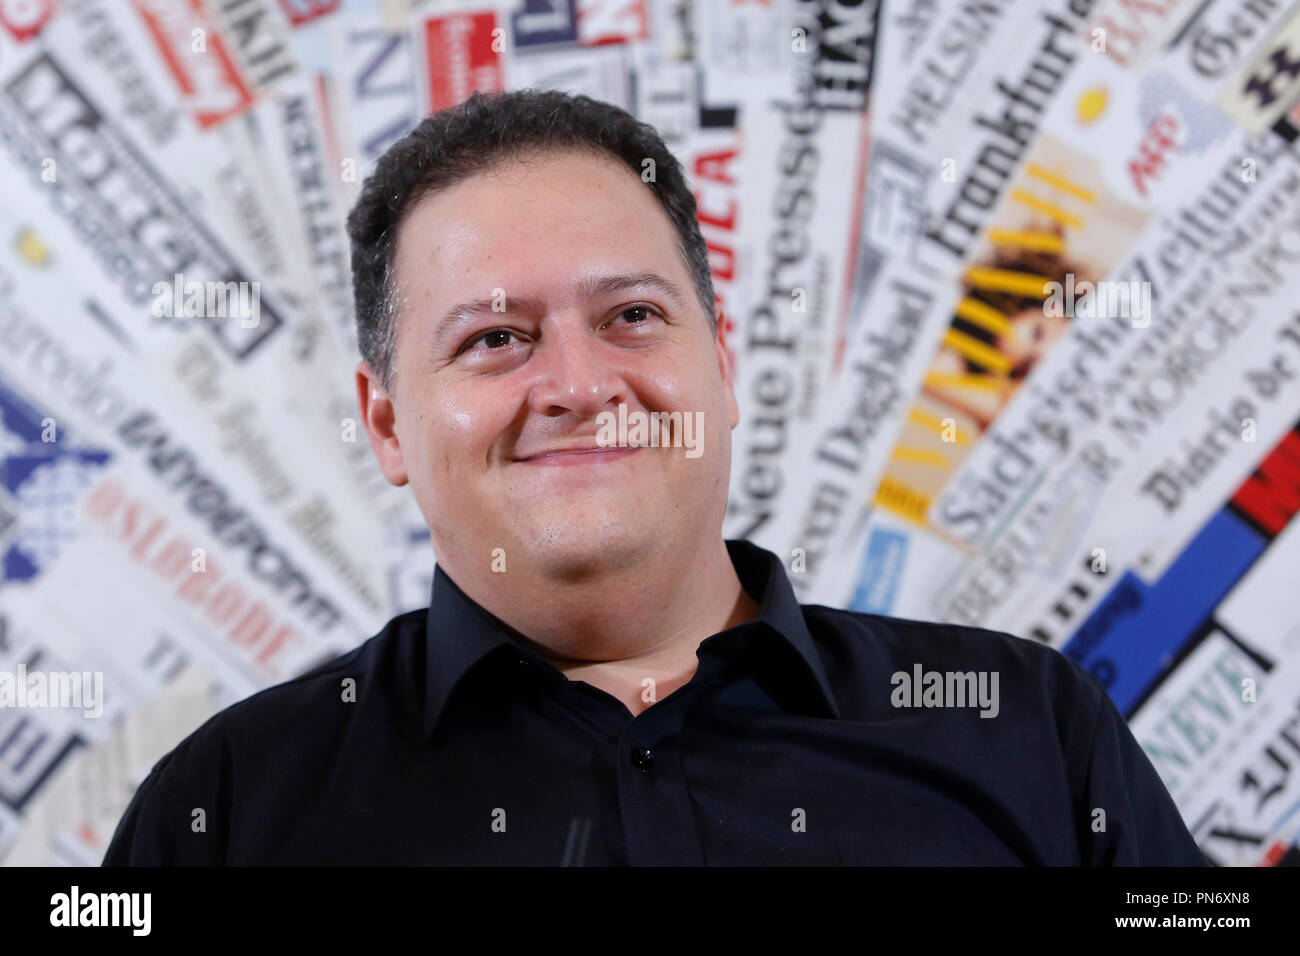 """Sebastian Marroquin, Juan Pablo Escobar Roma 20/09/2018. Stampa estera. Presentazione della conferenza spettacolo del figlio del più famoso' trafficante di droga delle storia Pablo Escobar. Lo spettacolo racconterà' di suo padre attraverso monologo delle Nazioni Unite e delle foto. Roma 20 Settembre 2018. Presentazione del Conference-Show di Sebastián Marroquín, nato Juan Pablo Escobar, figlio del più noto trafficante di droga della storia, Pablo Escobar, 'il re della cocaina"""". Foto di Samantha Zucchi Insidefoto Foto Stock"""